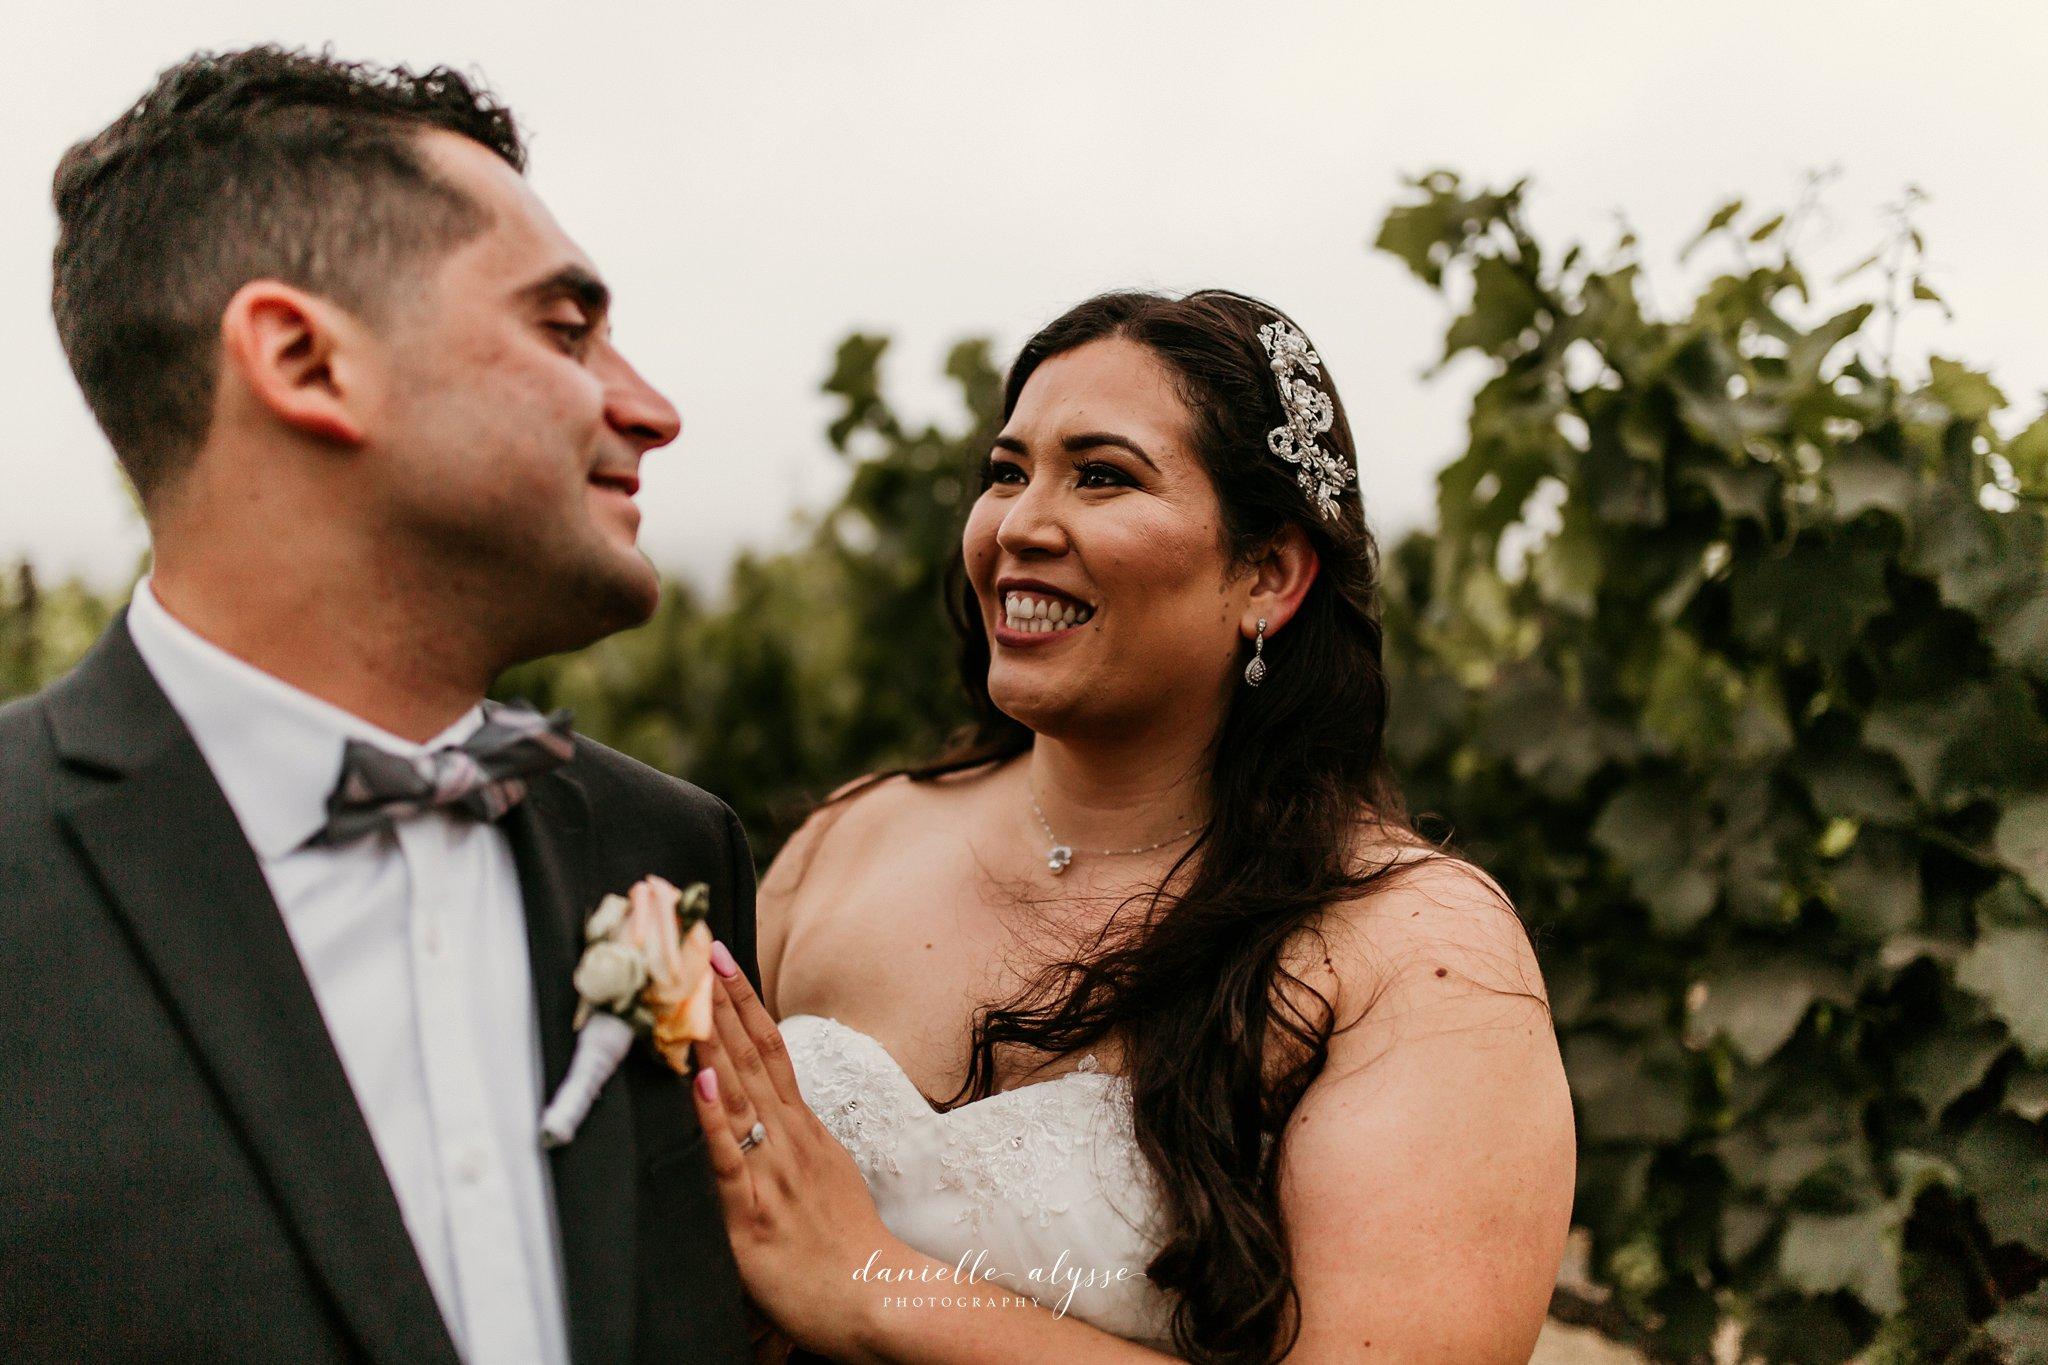 180630_wedding_lily_ryan_mission_soledad_california_danielle_alysse_photography_blog_1186_WEB.jpg